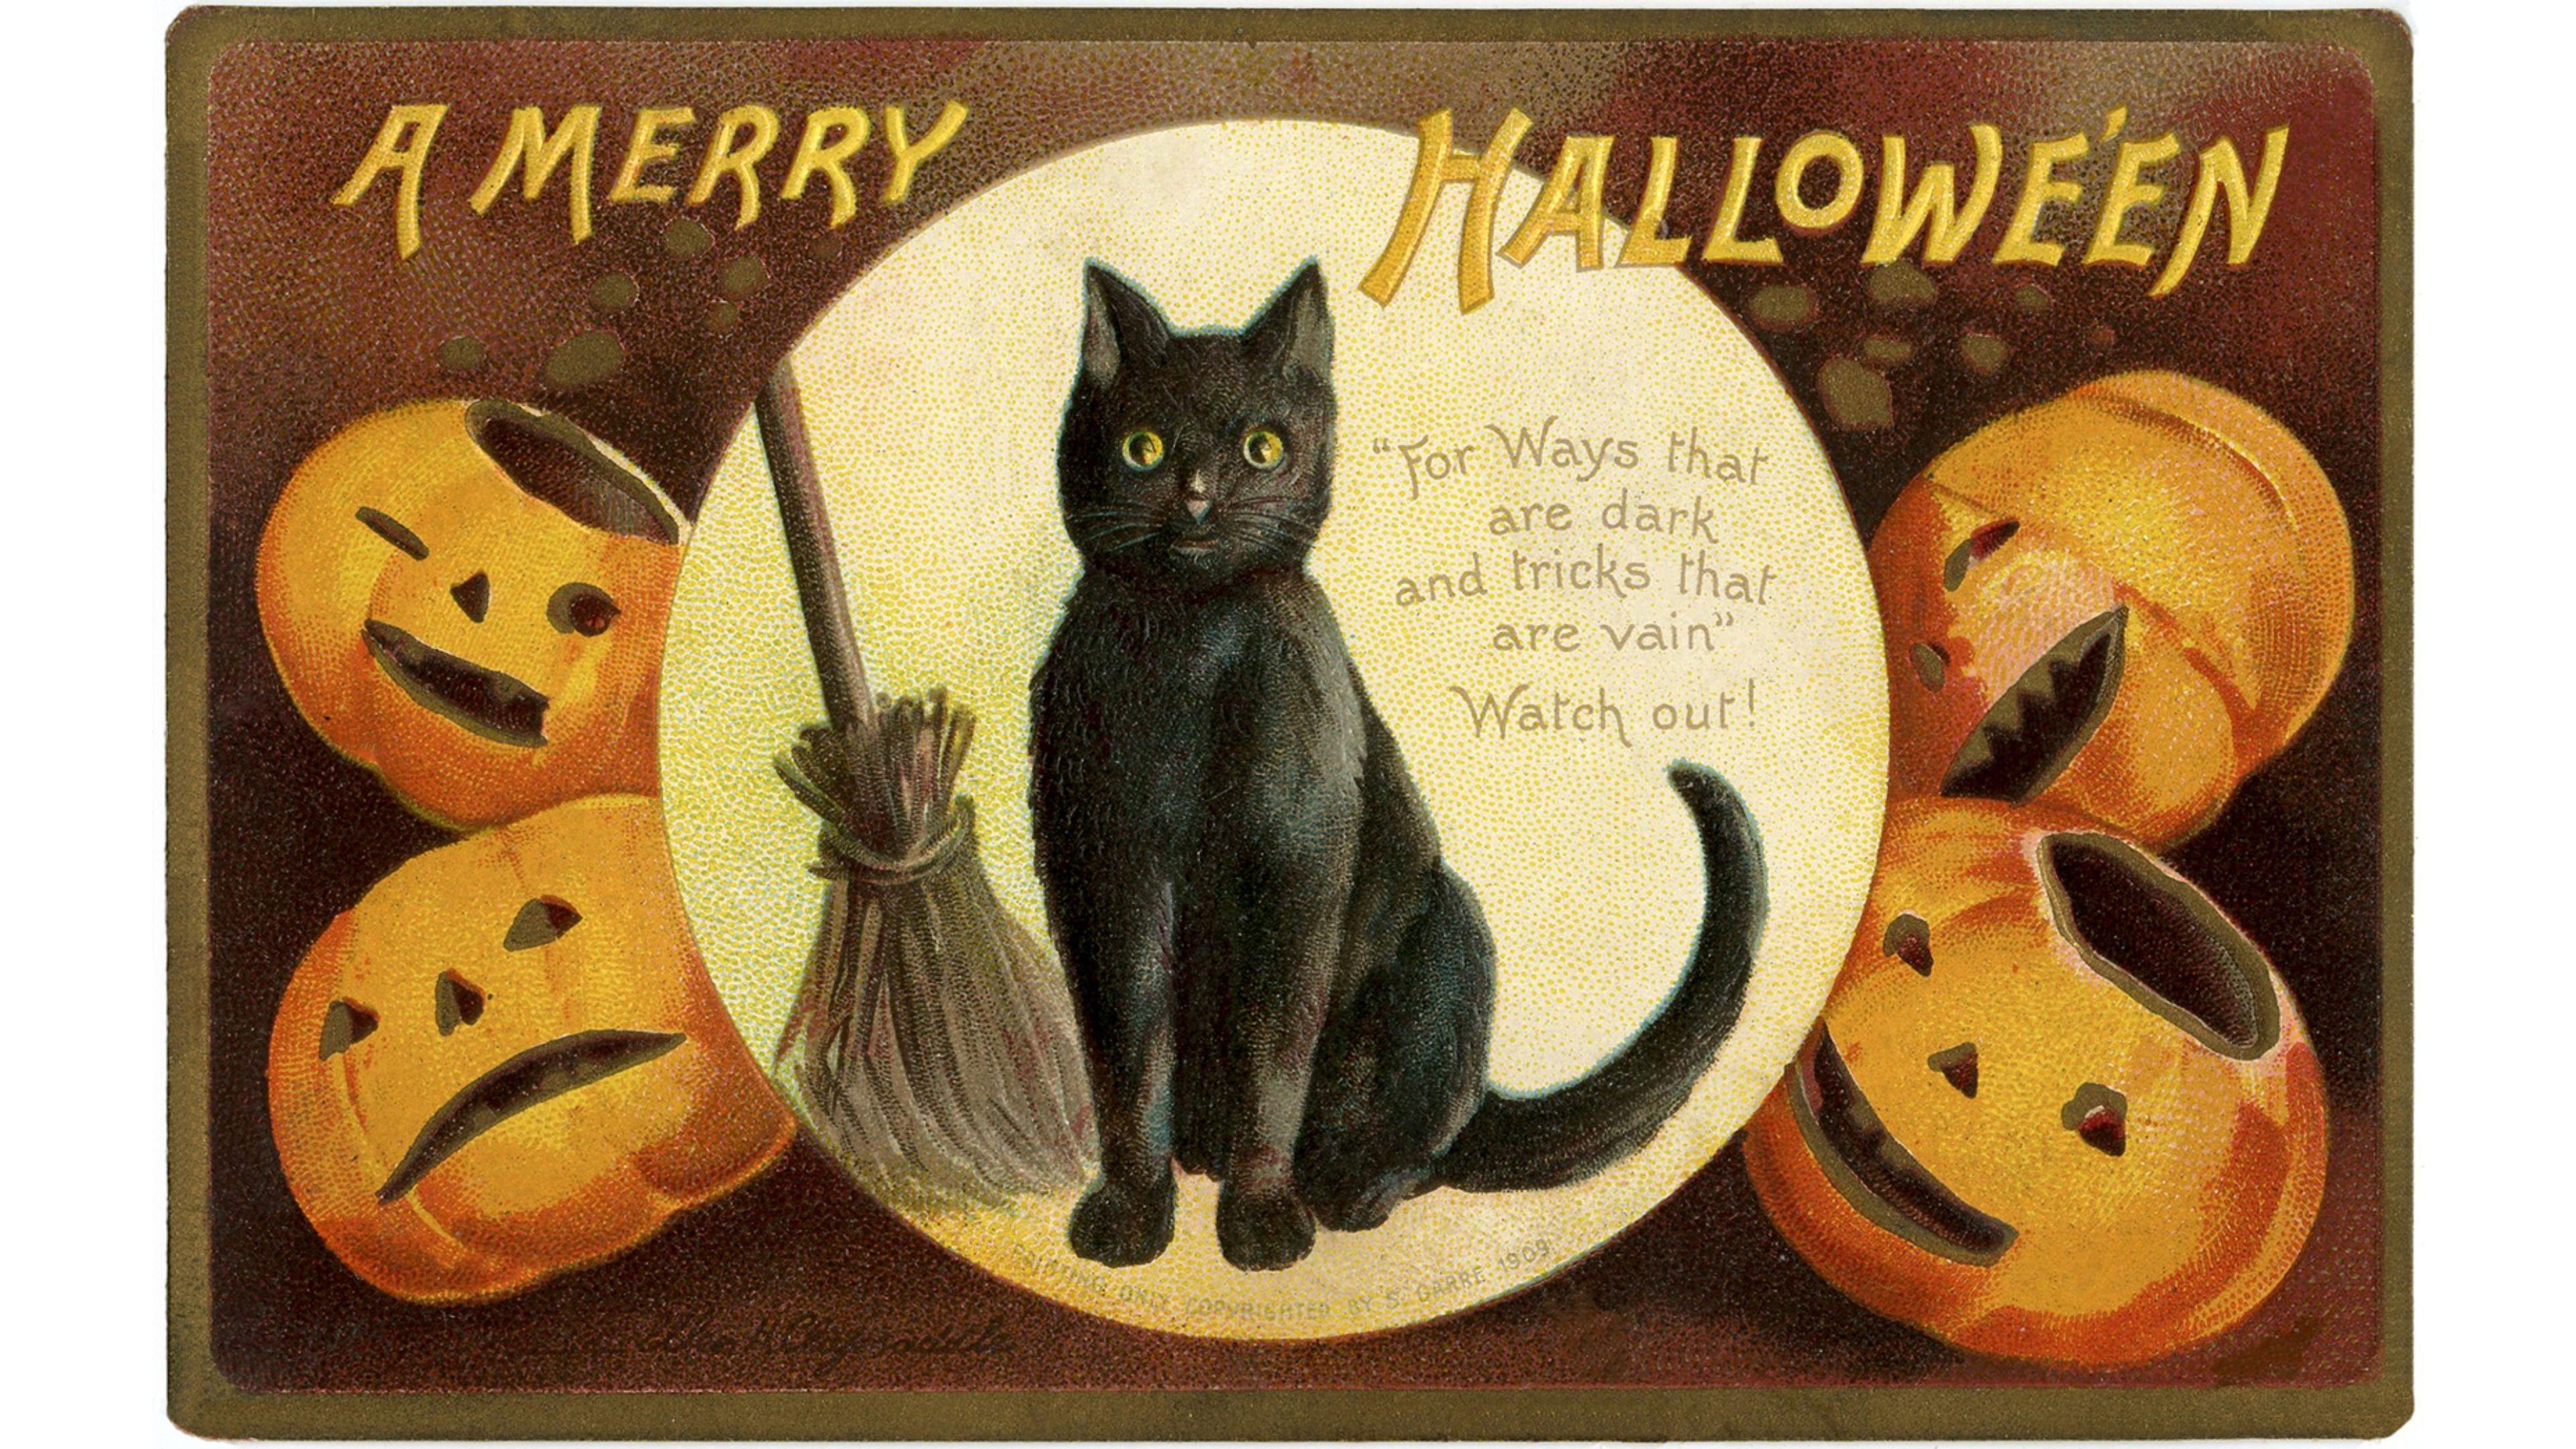 Vintage Halloween 4K wallpaper